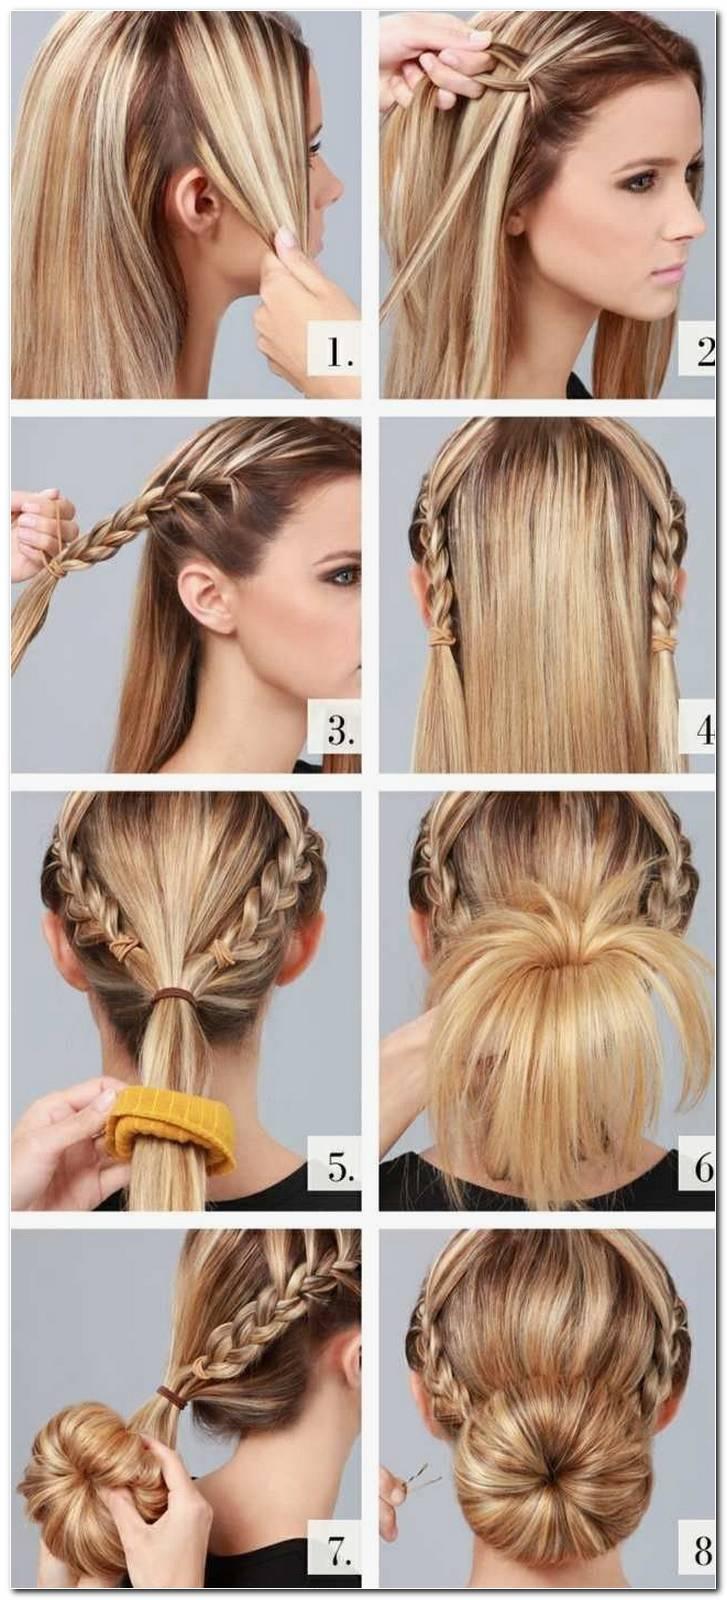 Frisuren Kurze Haare Selber Machen